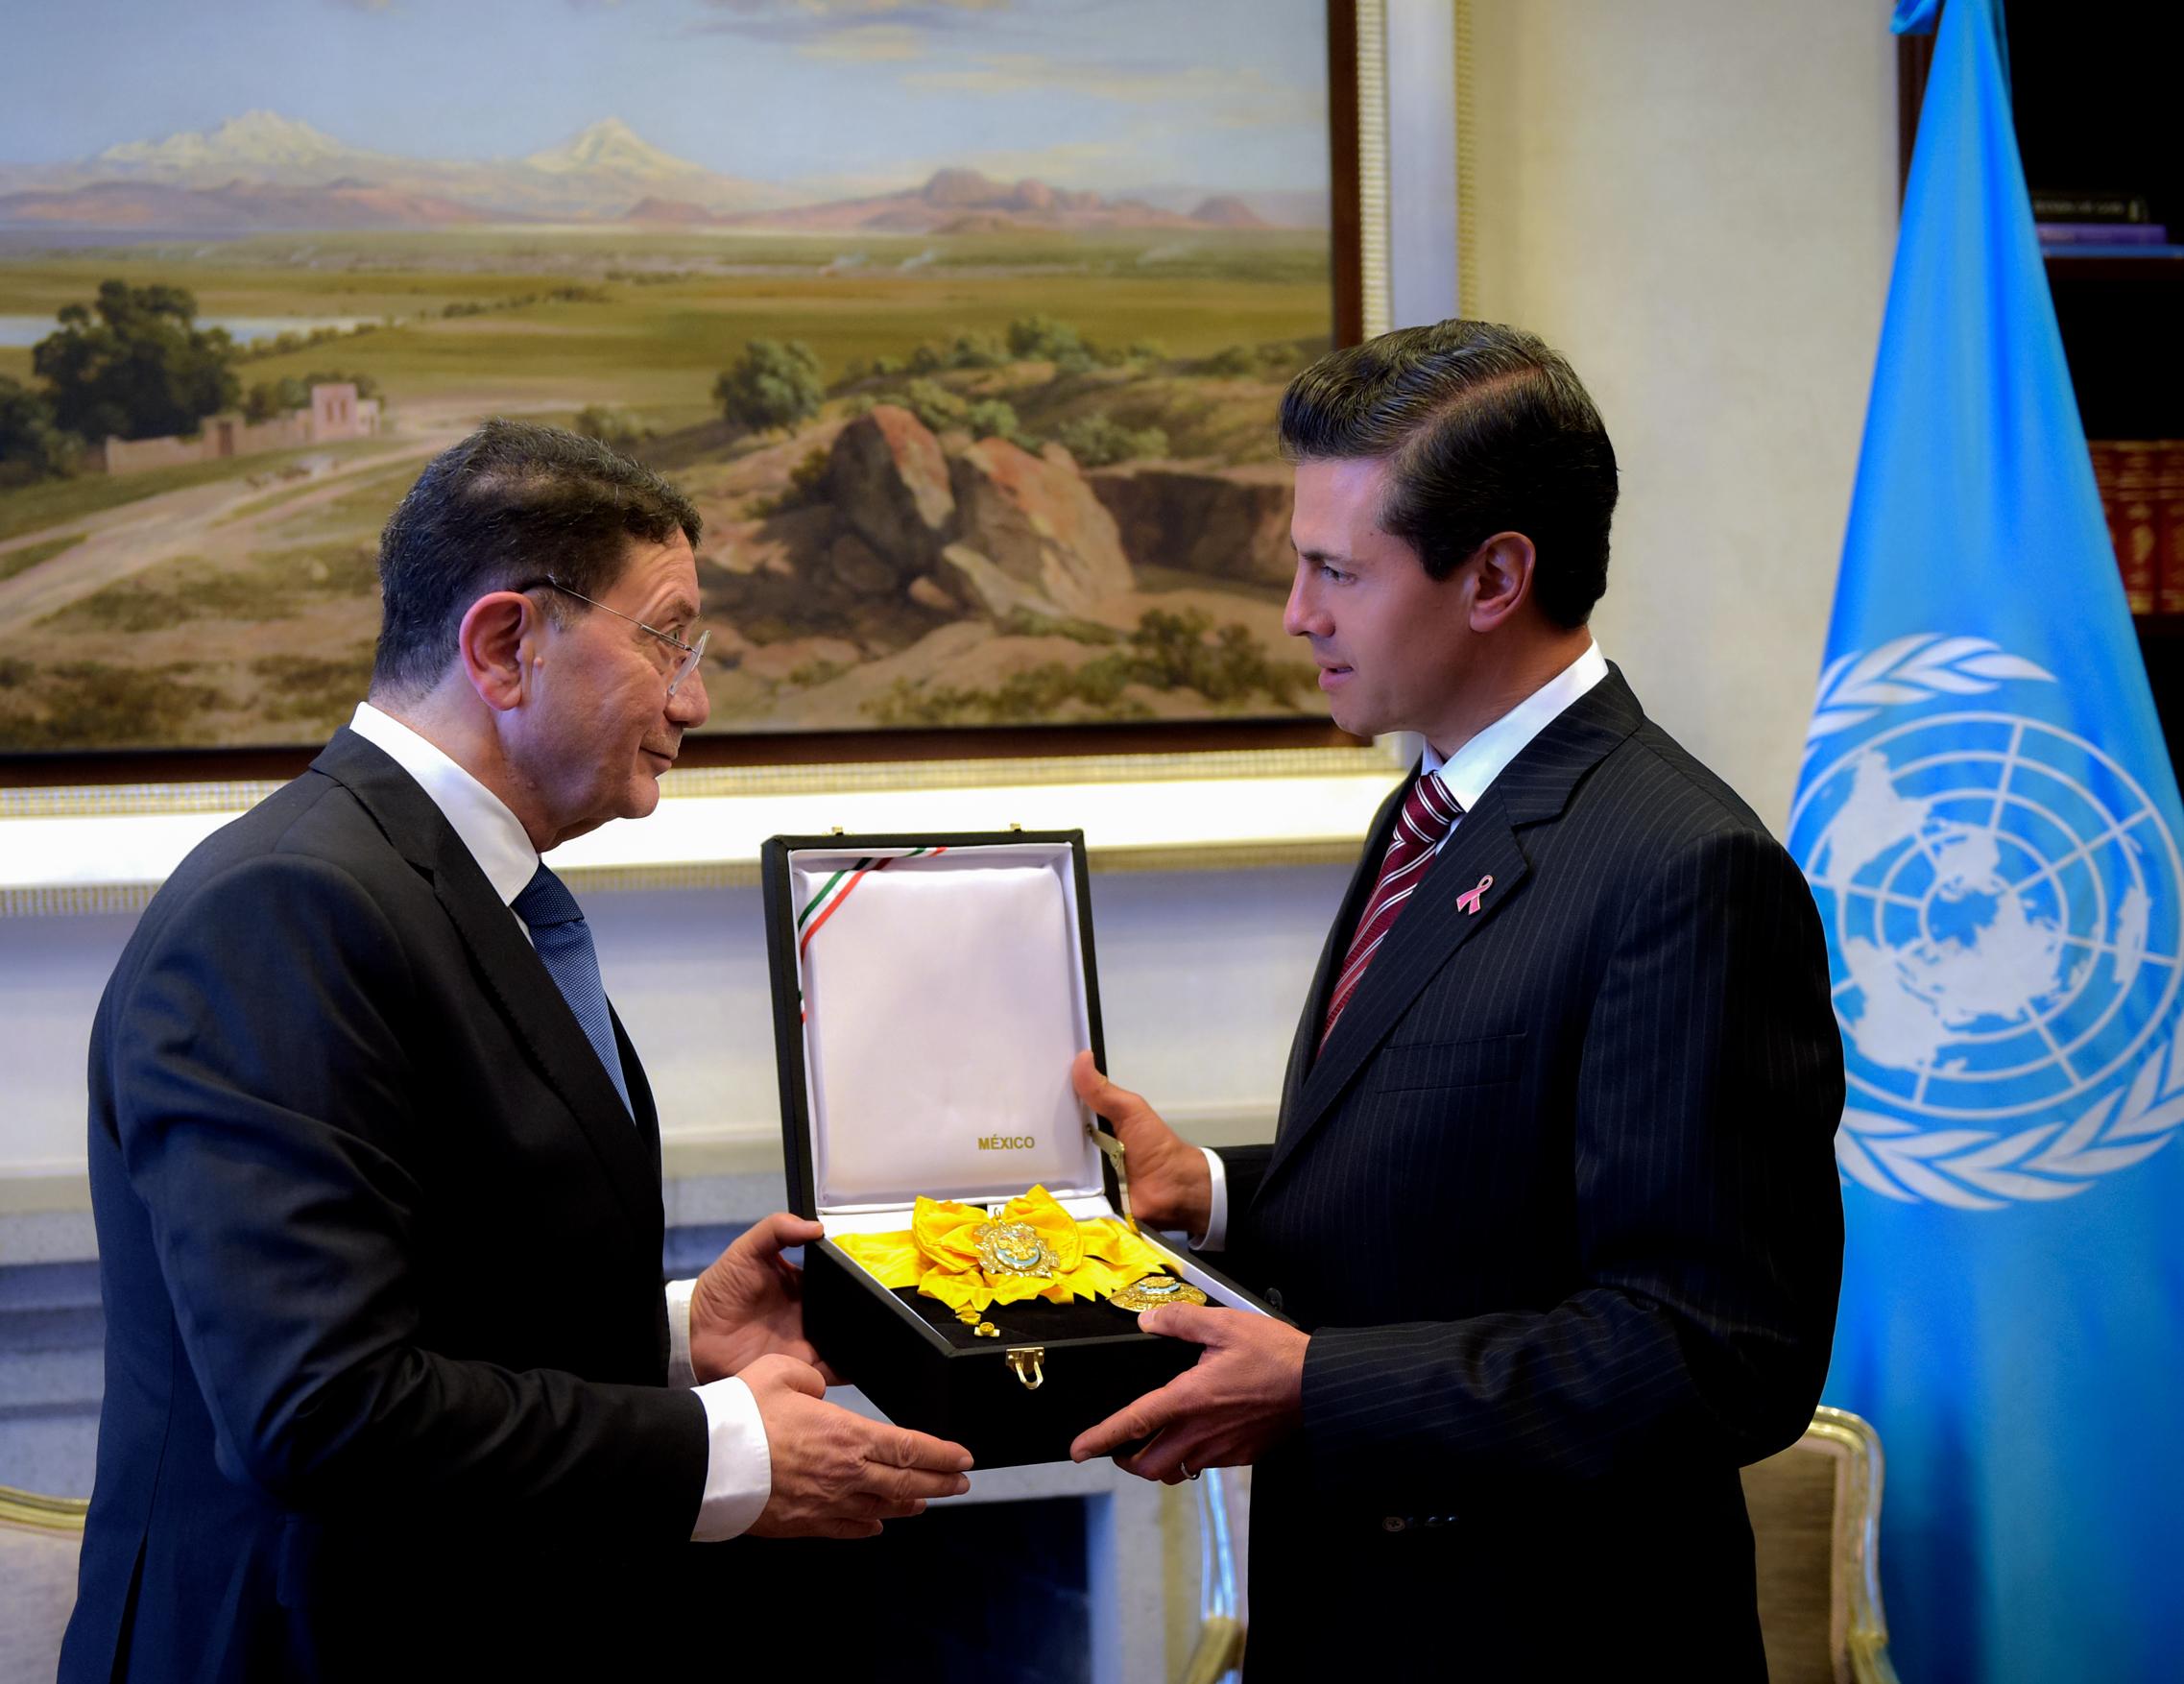 La Orden Mexicana del Águila Azteca es la más alta distinción concedida a los extranjeros en México por servicios prominentes prestados a la nación o a la humanidad.